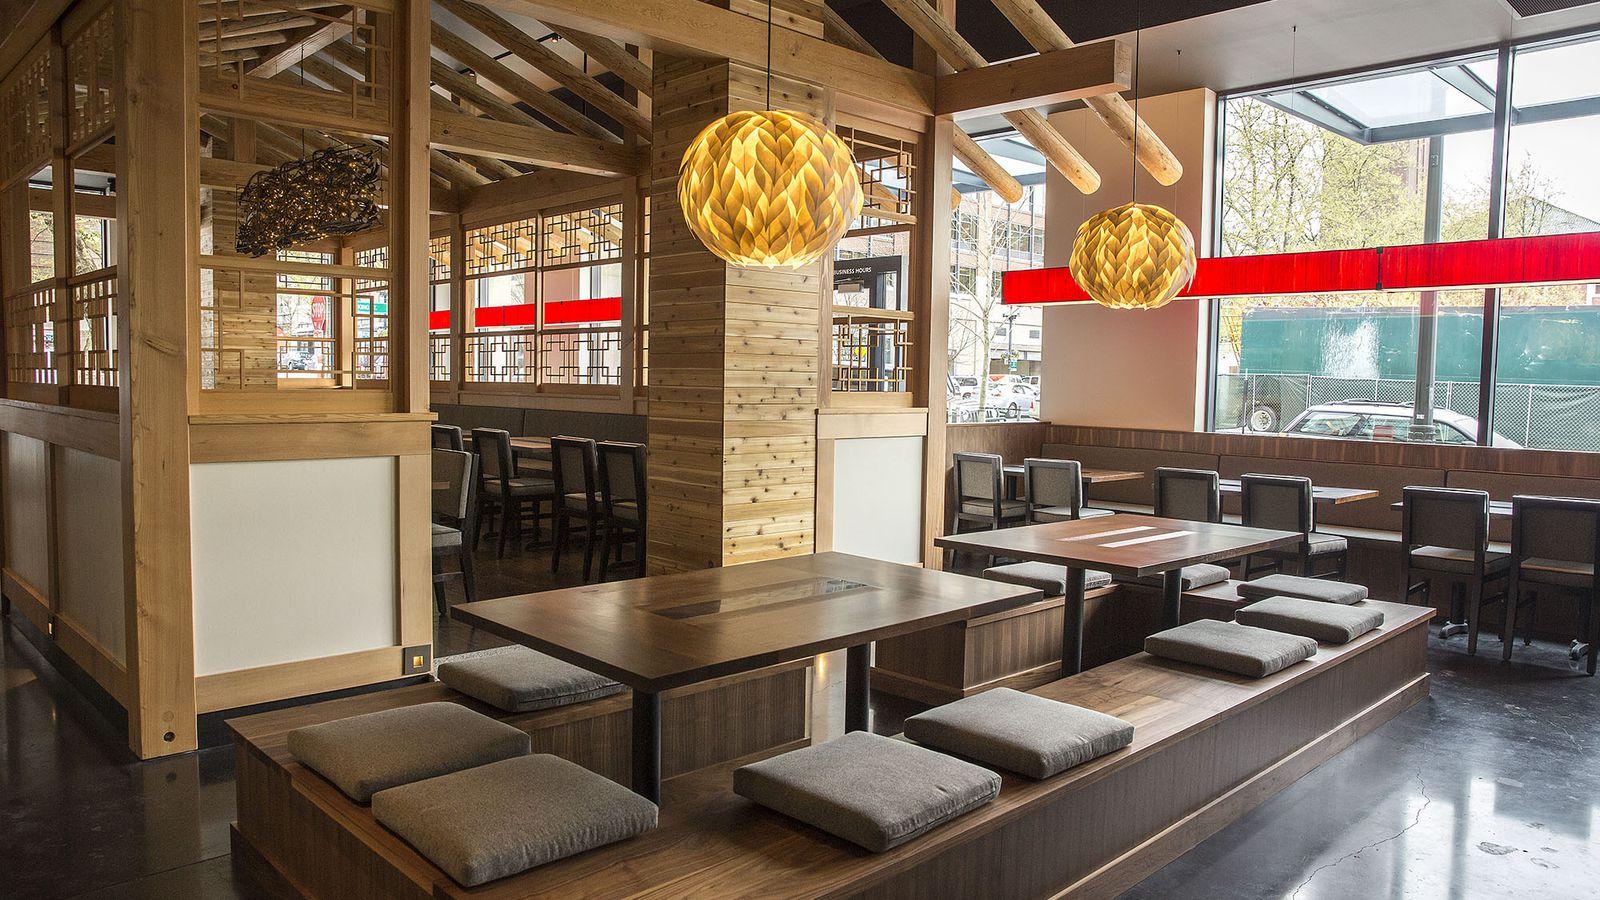 A look inside girin korean steak house open tomorrow - Restaurant interior design seattle ...